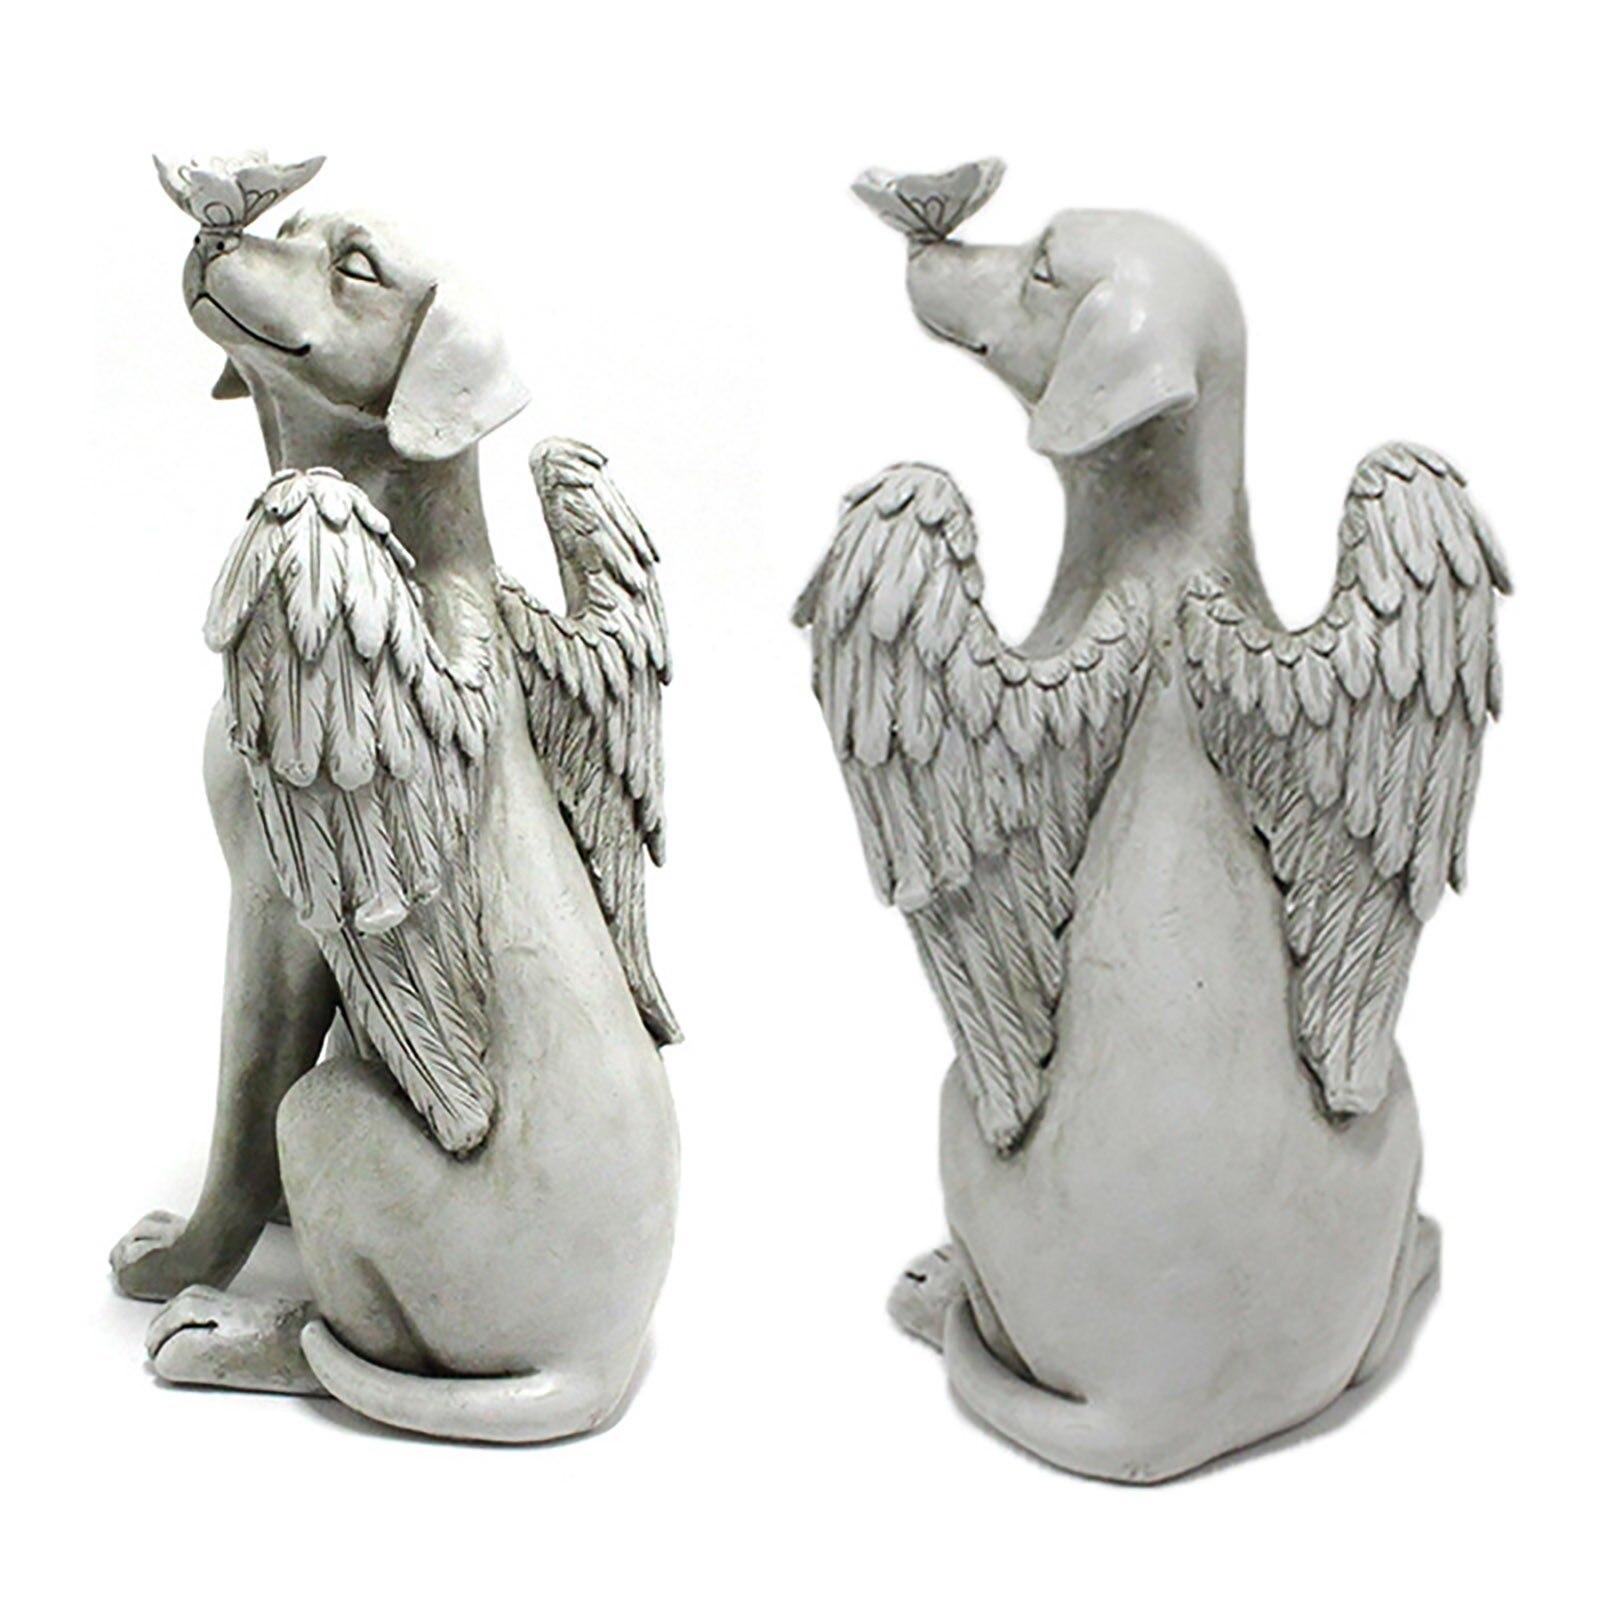 رائعة حديقة الكلب تمثال ملاك الجناح مضحك جرو الأنف جثم فراشة تمثال راتنج حديقة الحديقة الراتنج حلية